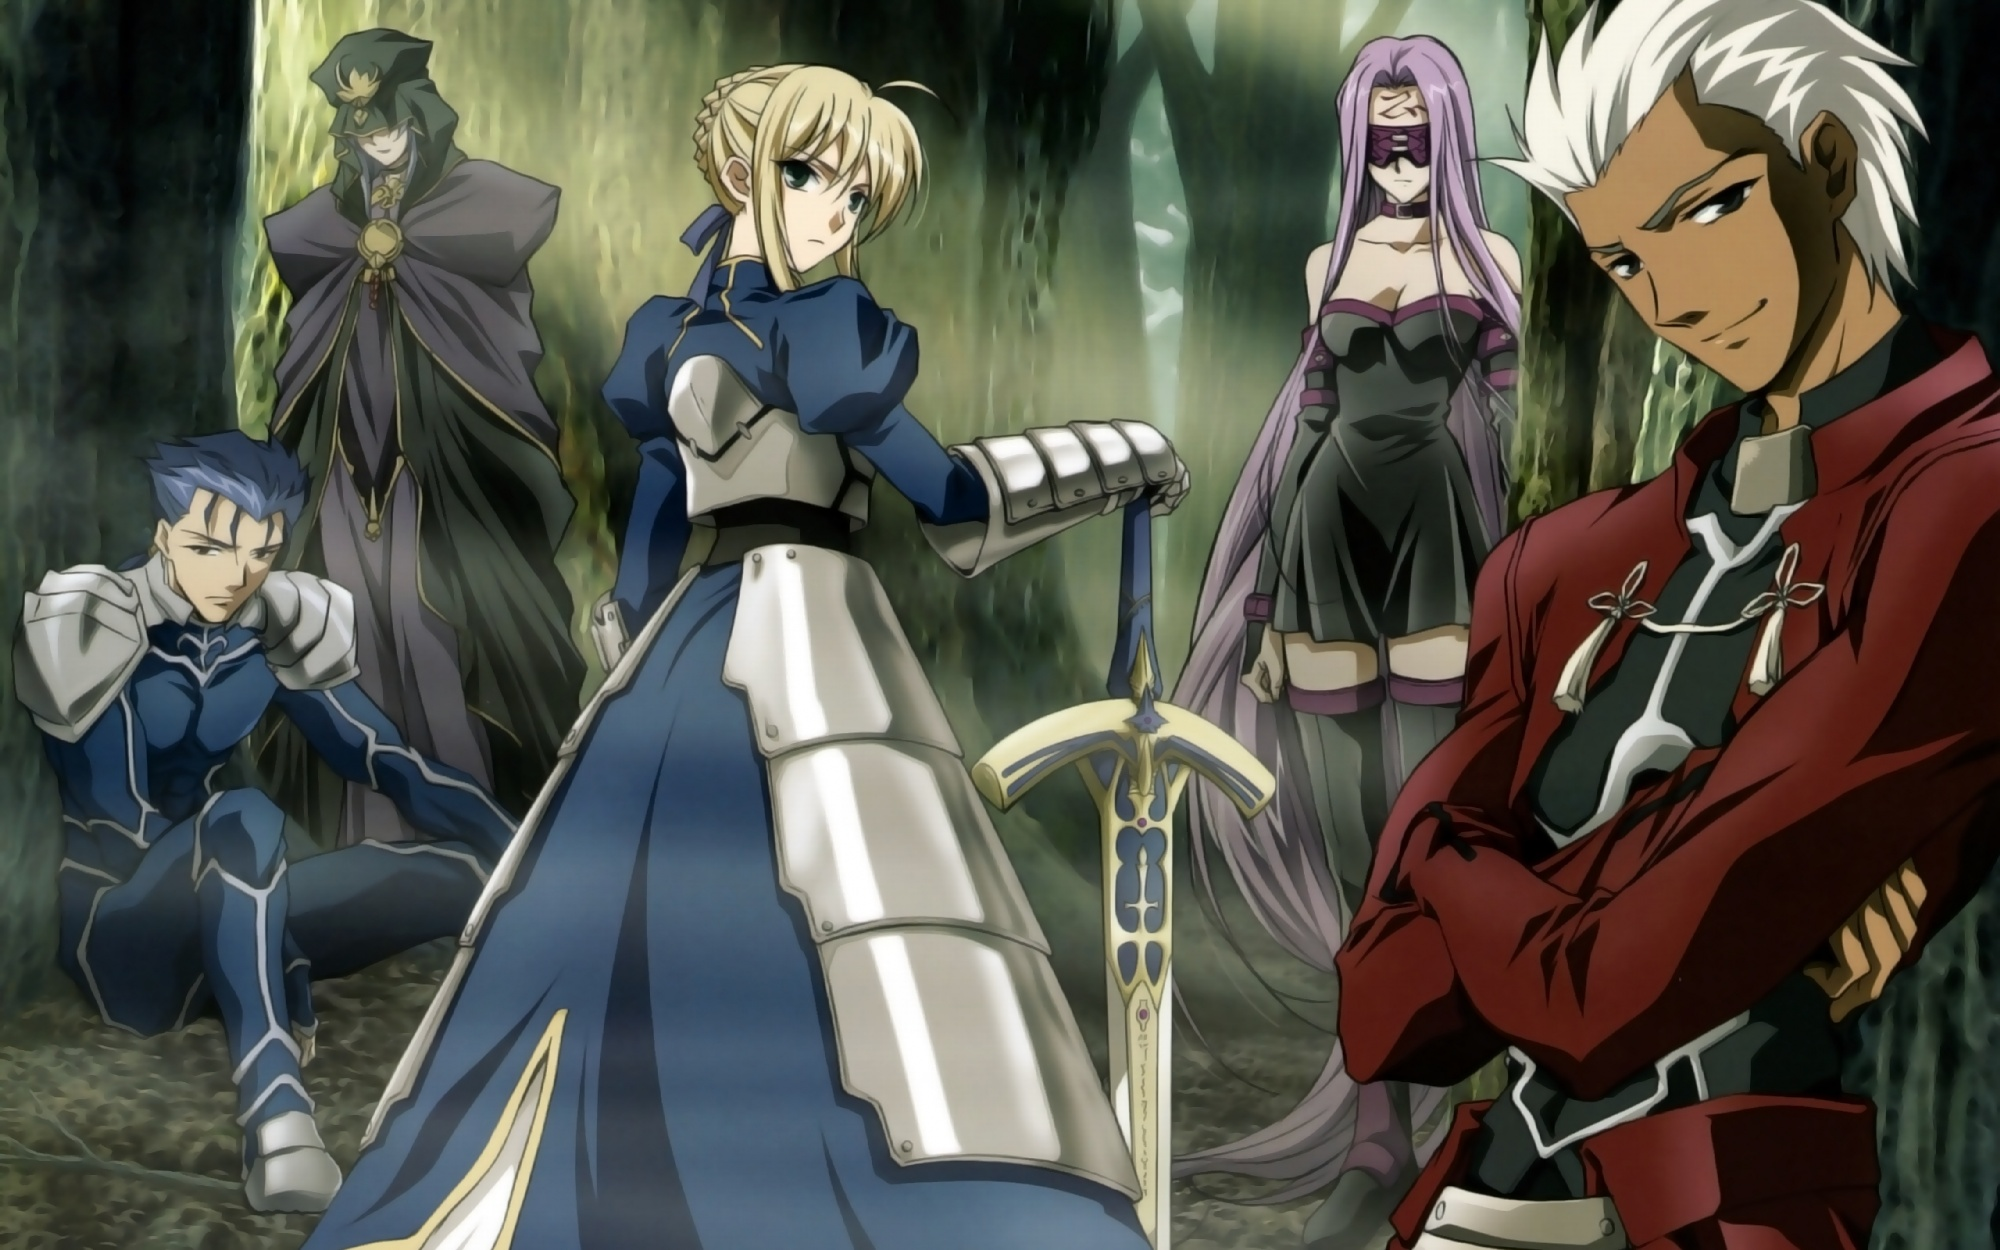 Archer Artoria Pendragon All Cu Chulainn Fate Series Fate Stay